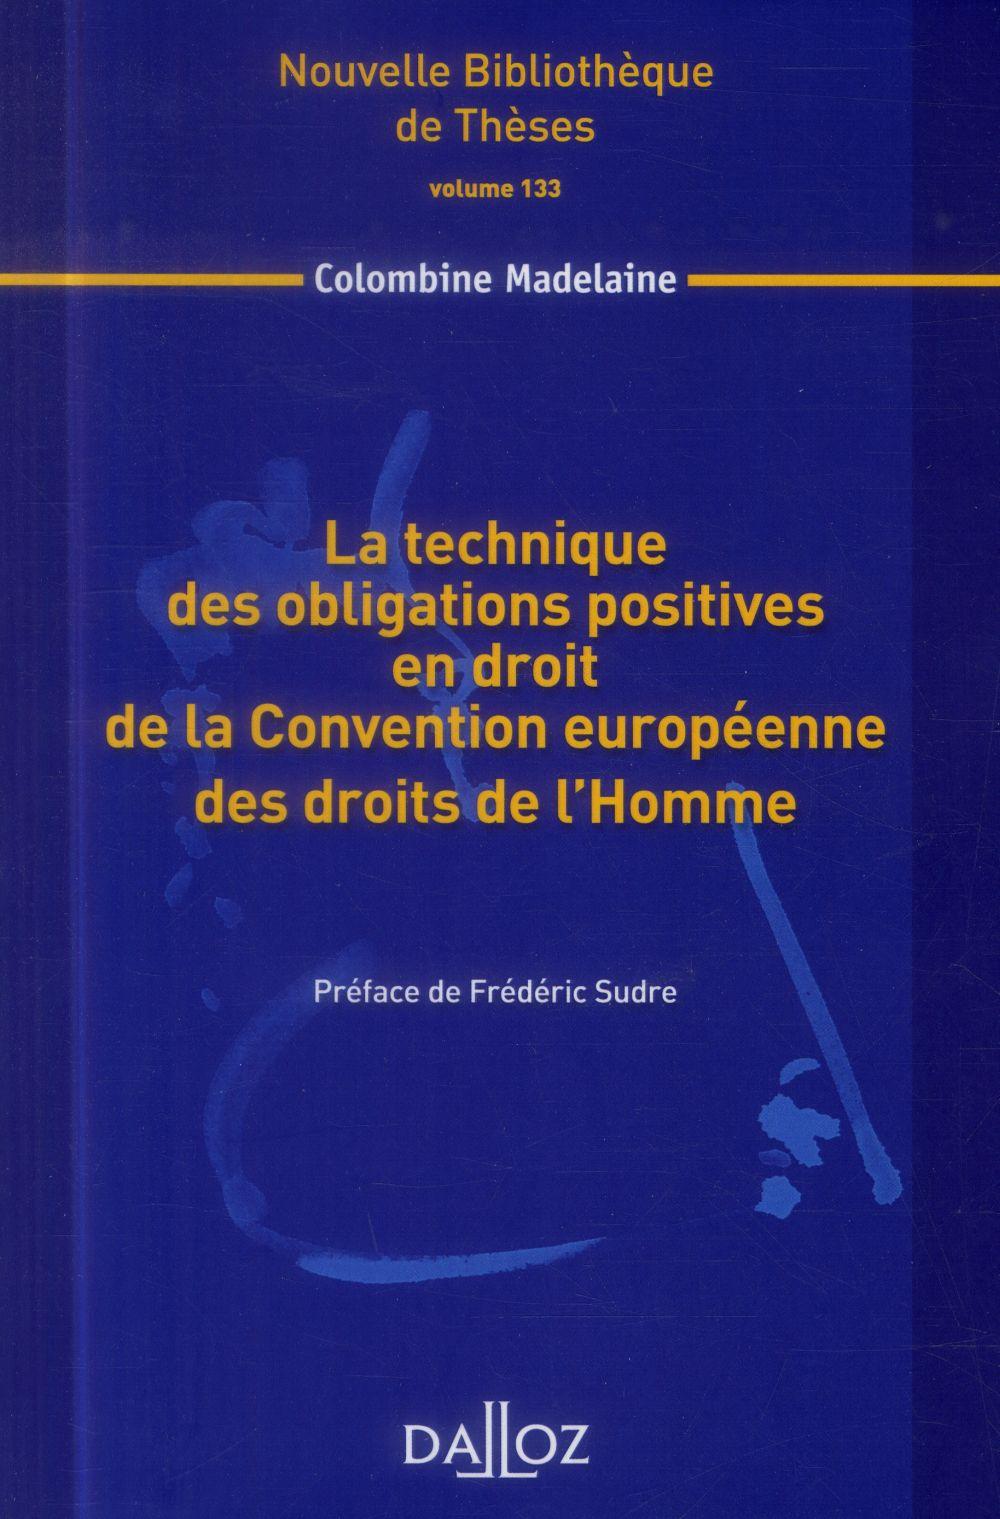 La technique des obligations positives en droit de la Convention européenne des droits de l'Homme